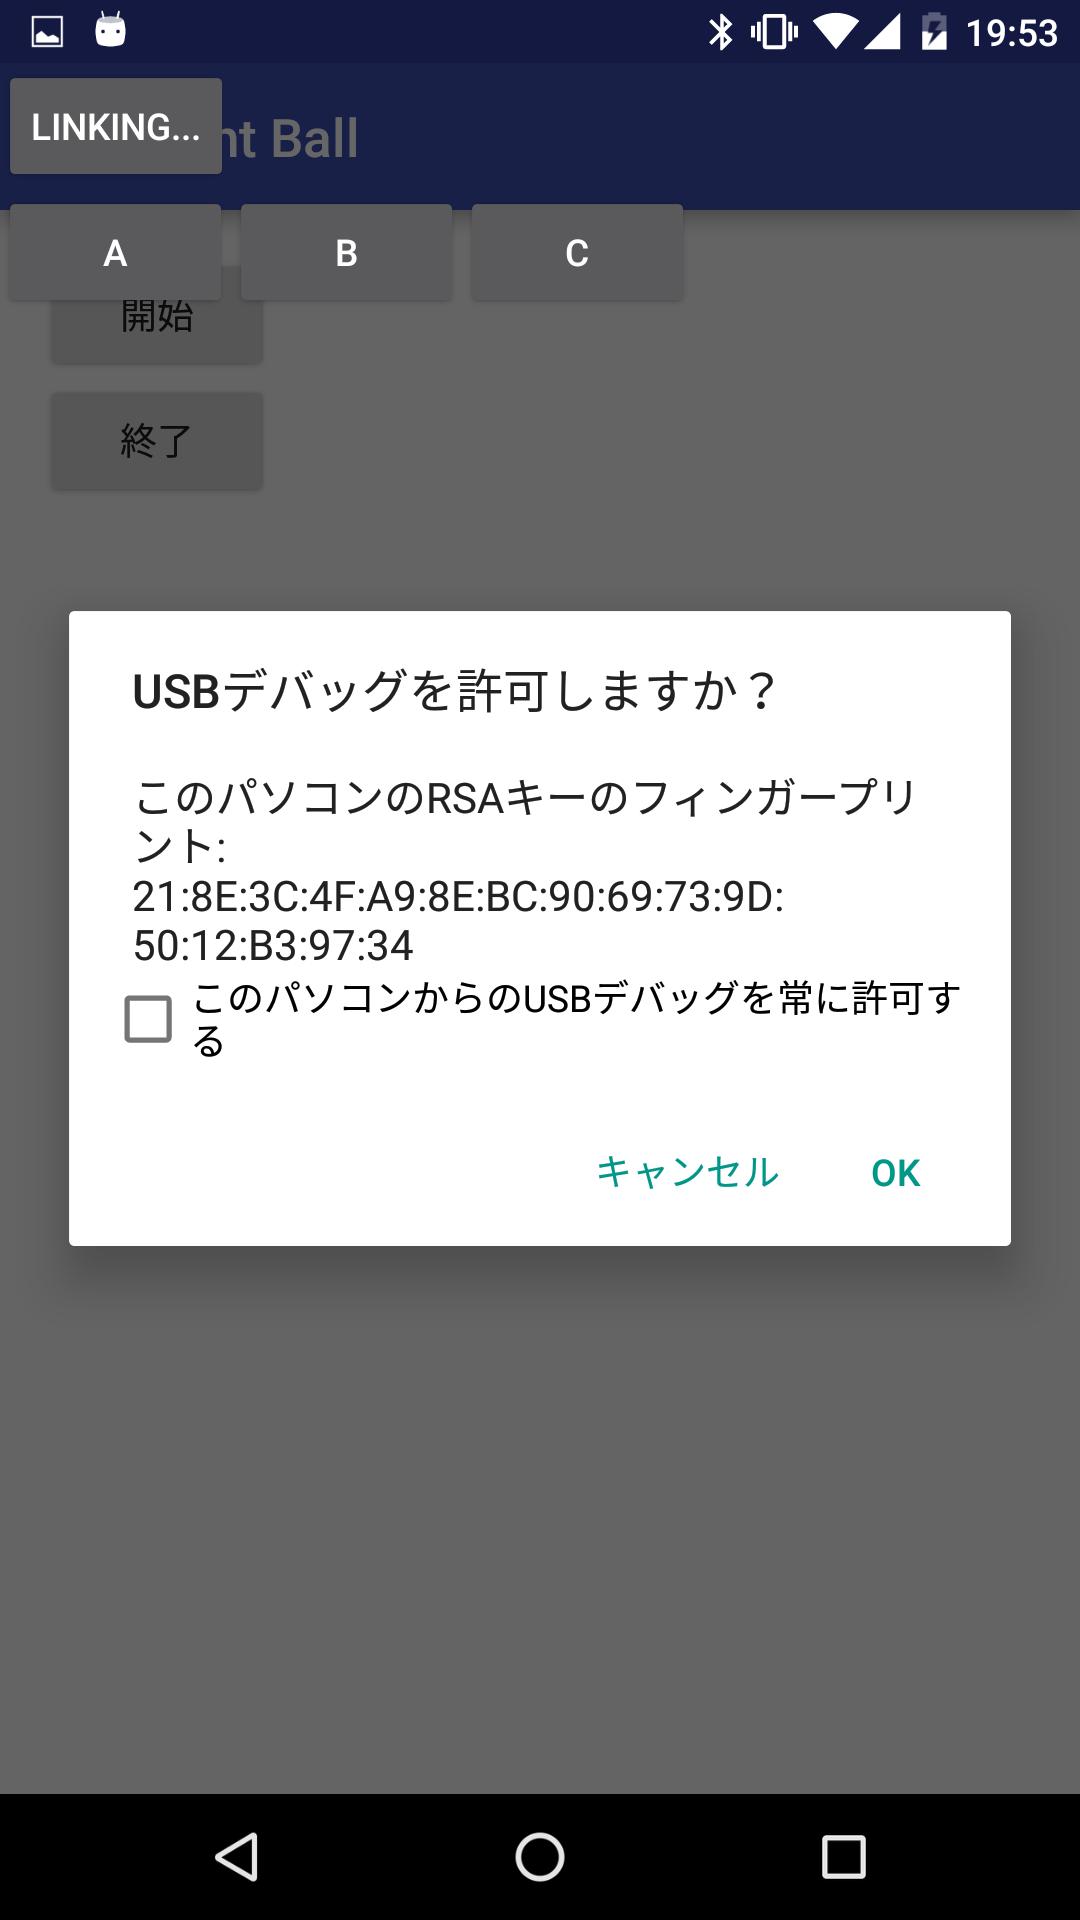 USBデバッグ許可画面